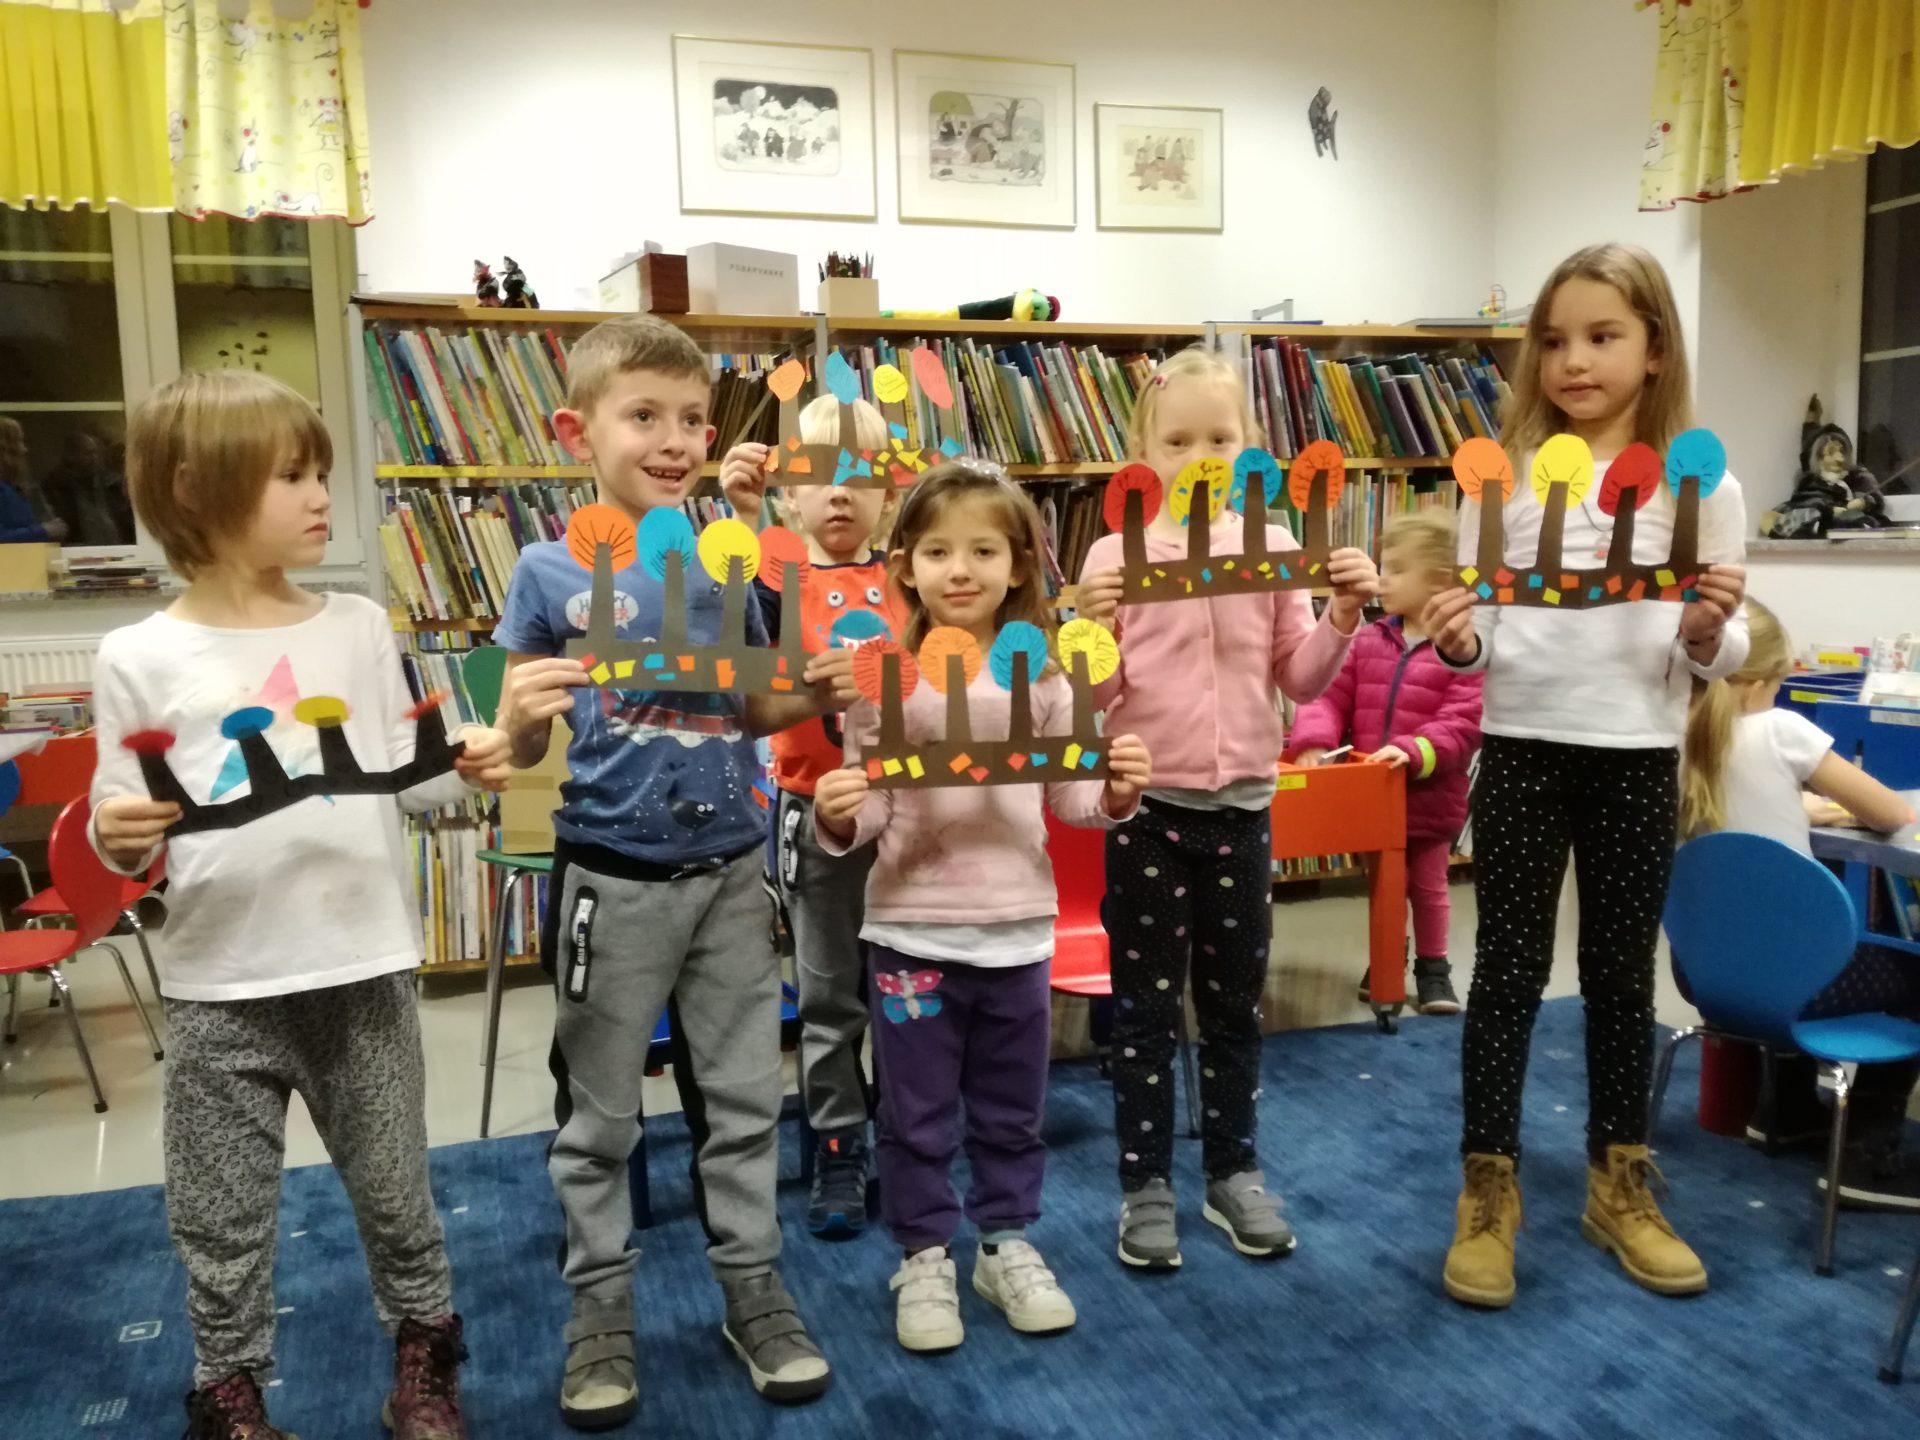 IMG 20191121 180440 - Pravljična urica z ustvarjalno delavnico za otroke od 4. leta dalje